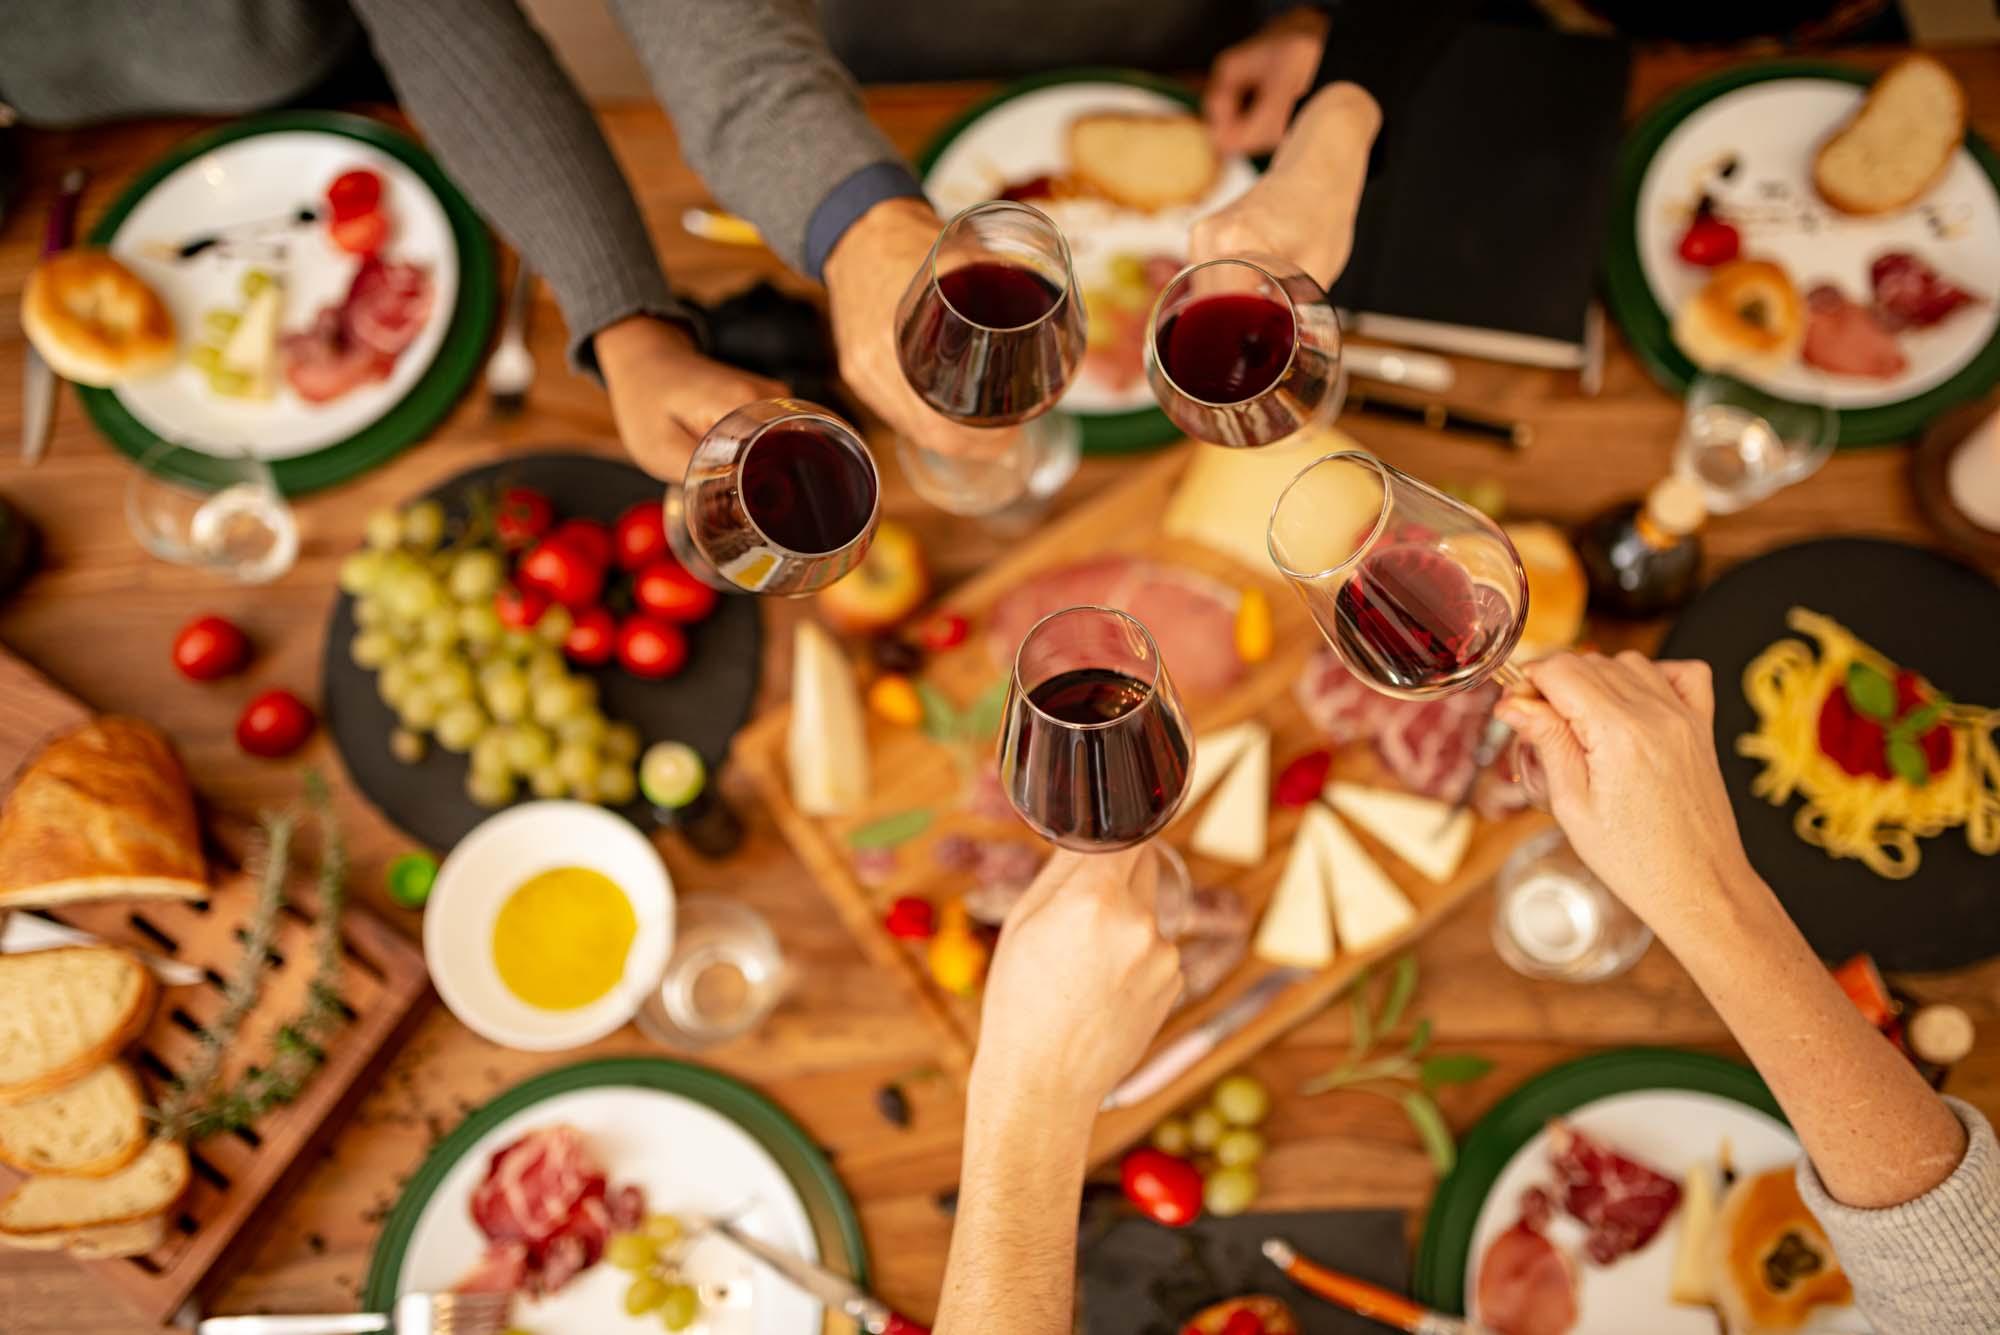 Corsi Di Cucina Formazione Manageriale a Cagliari